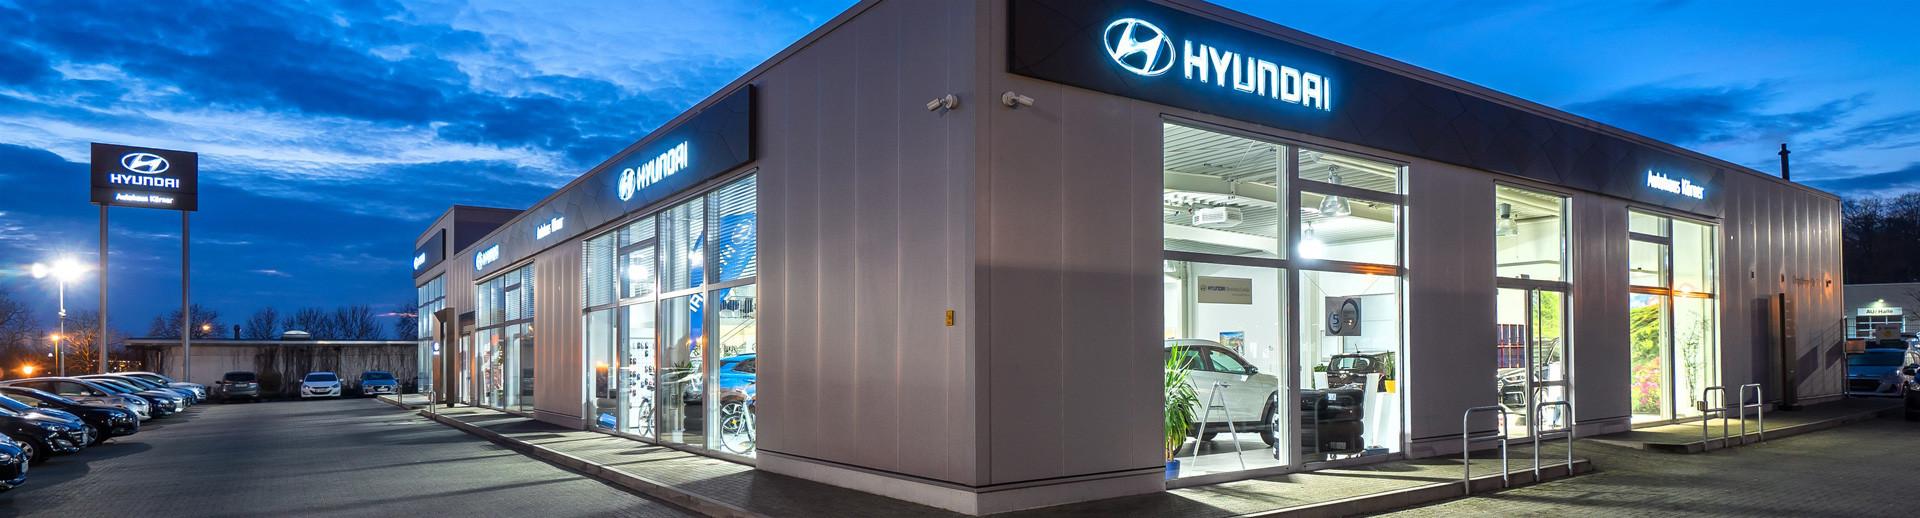 autohaus k rner gmbh ihr hyundai autohaus in berlin. Black Bedroom Furniture Sets. Home Design Ideas